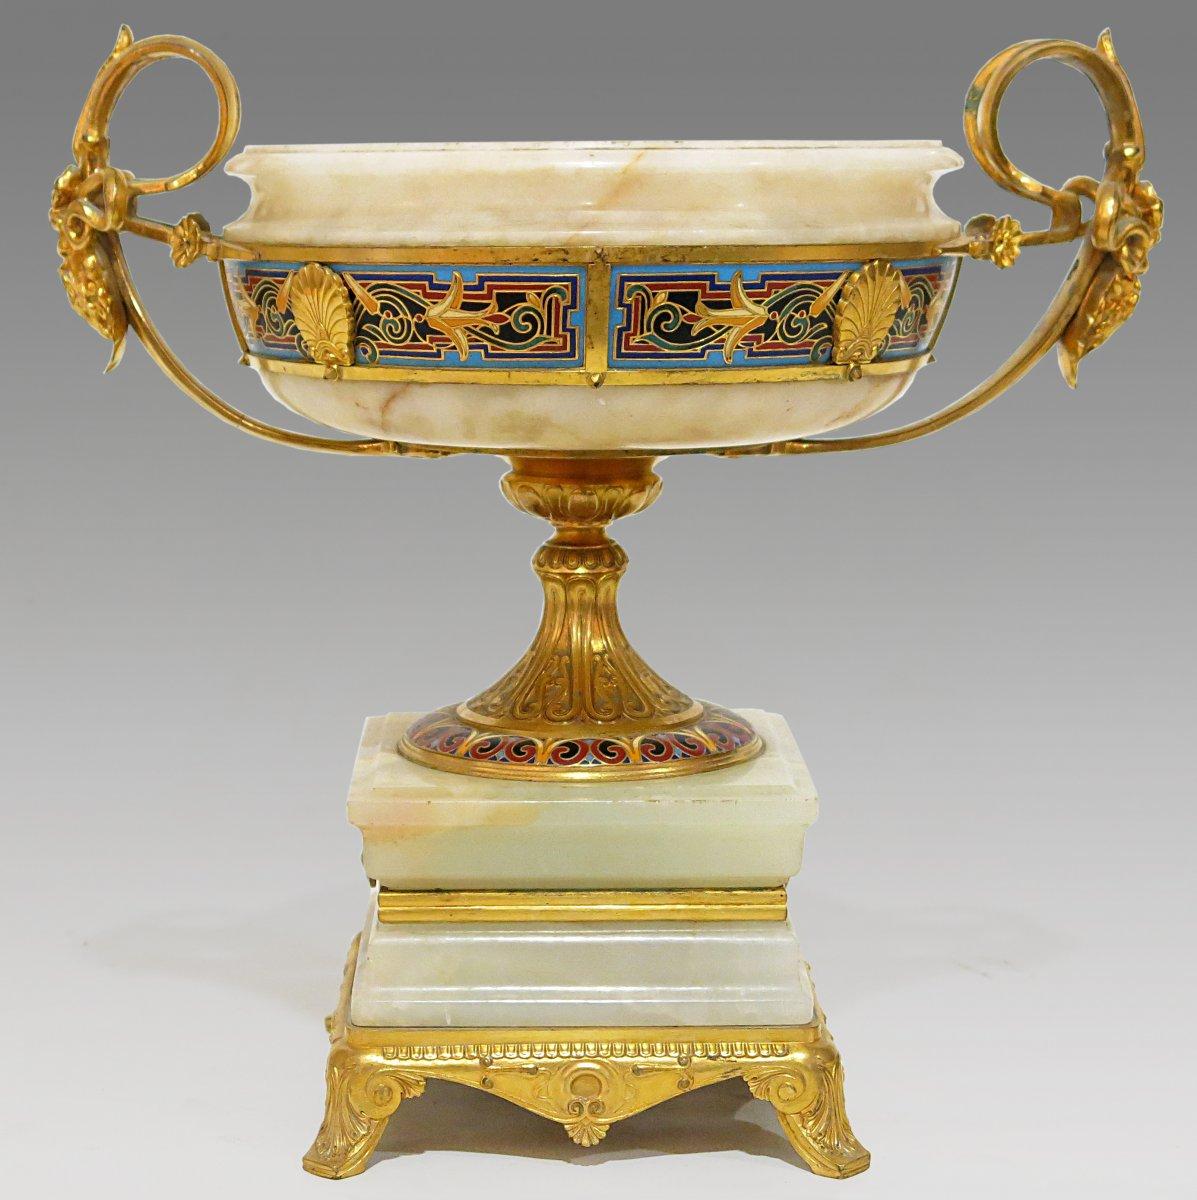 Coupe De Style Néo-grec De Ferdinand Barbedienne (1810-1892) & Louis-constant Sévin (1821-1888)